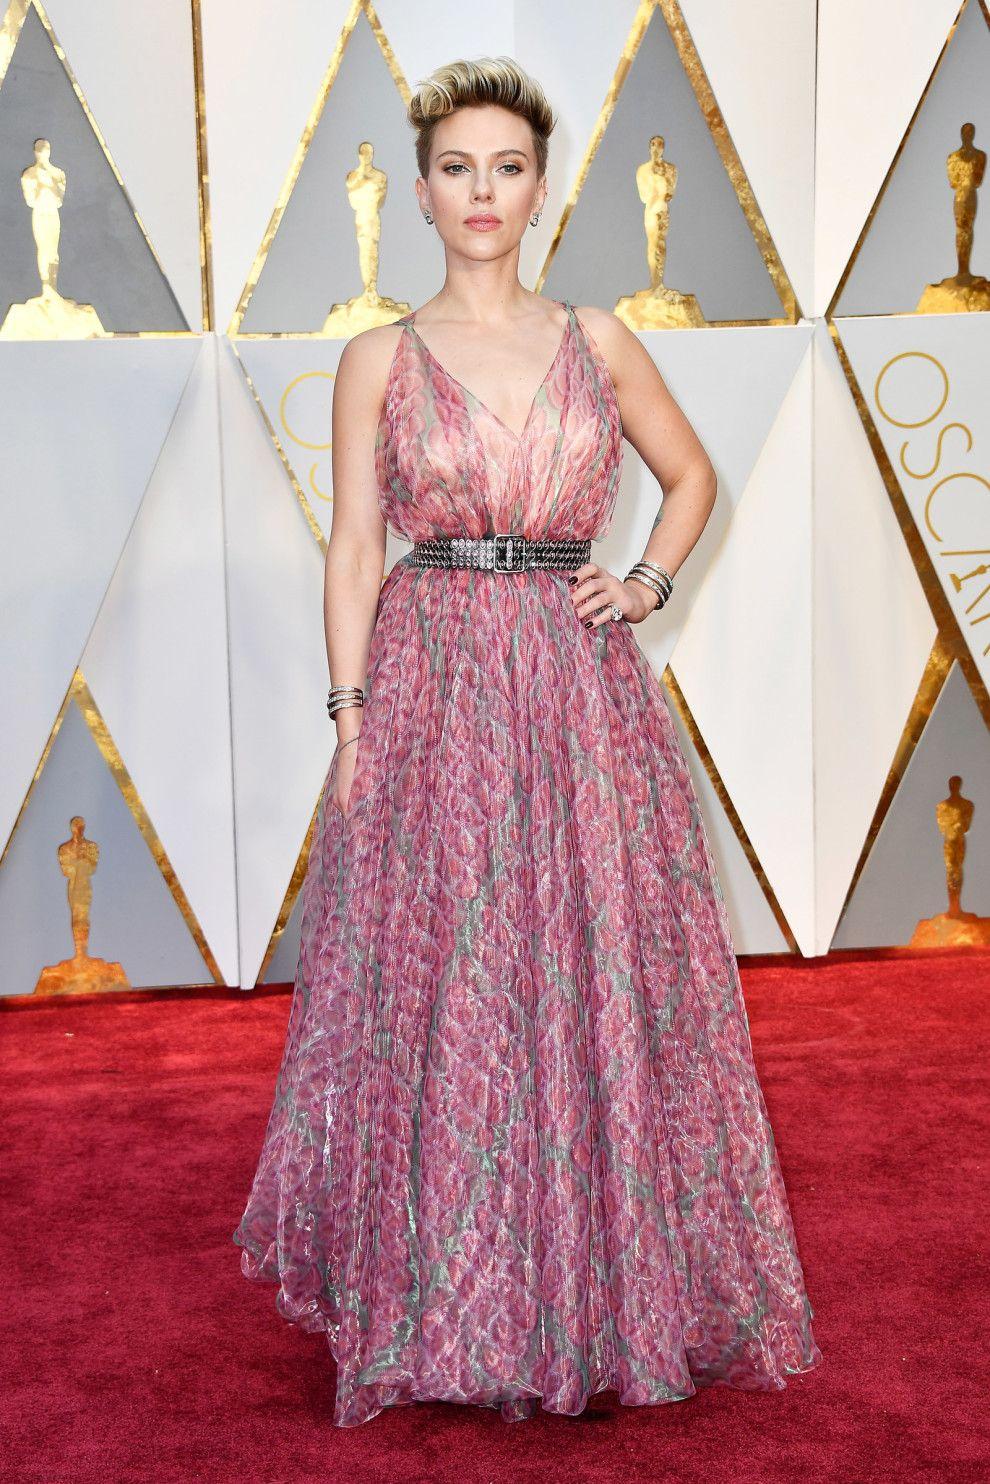 So sah\'s bei den Oscars 2017 auf dem roten Teppich aus | Vestiditos